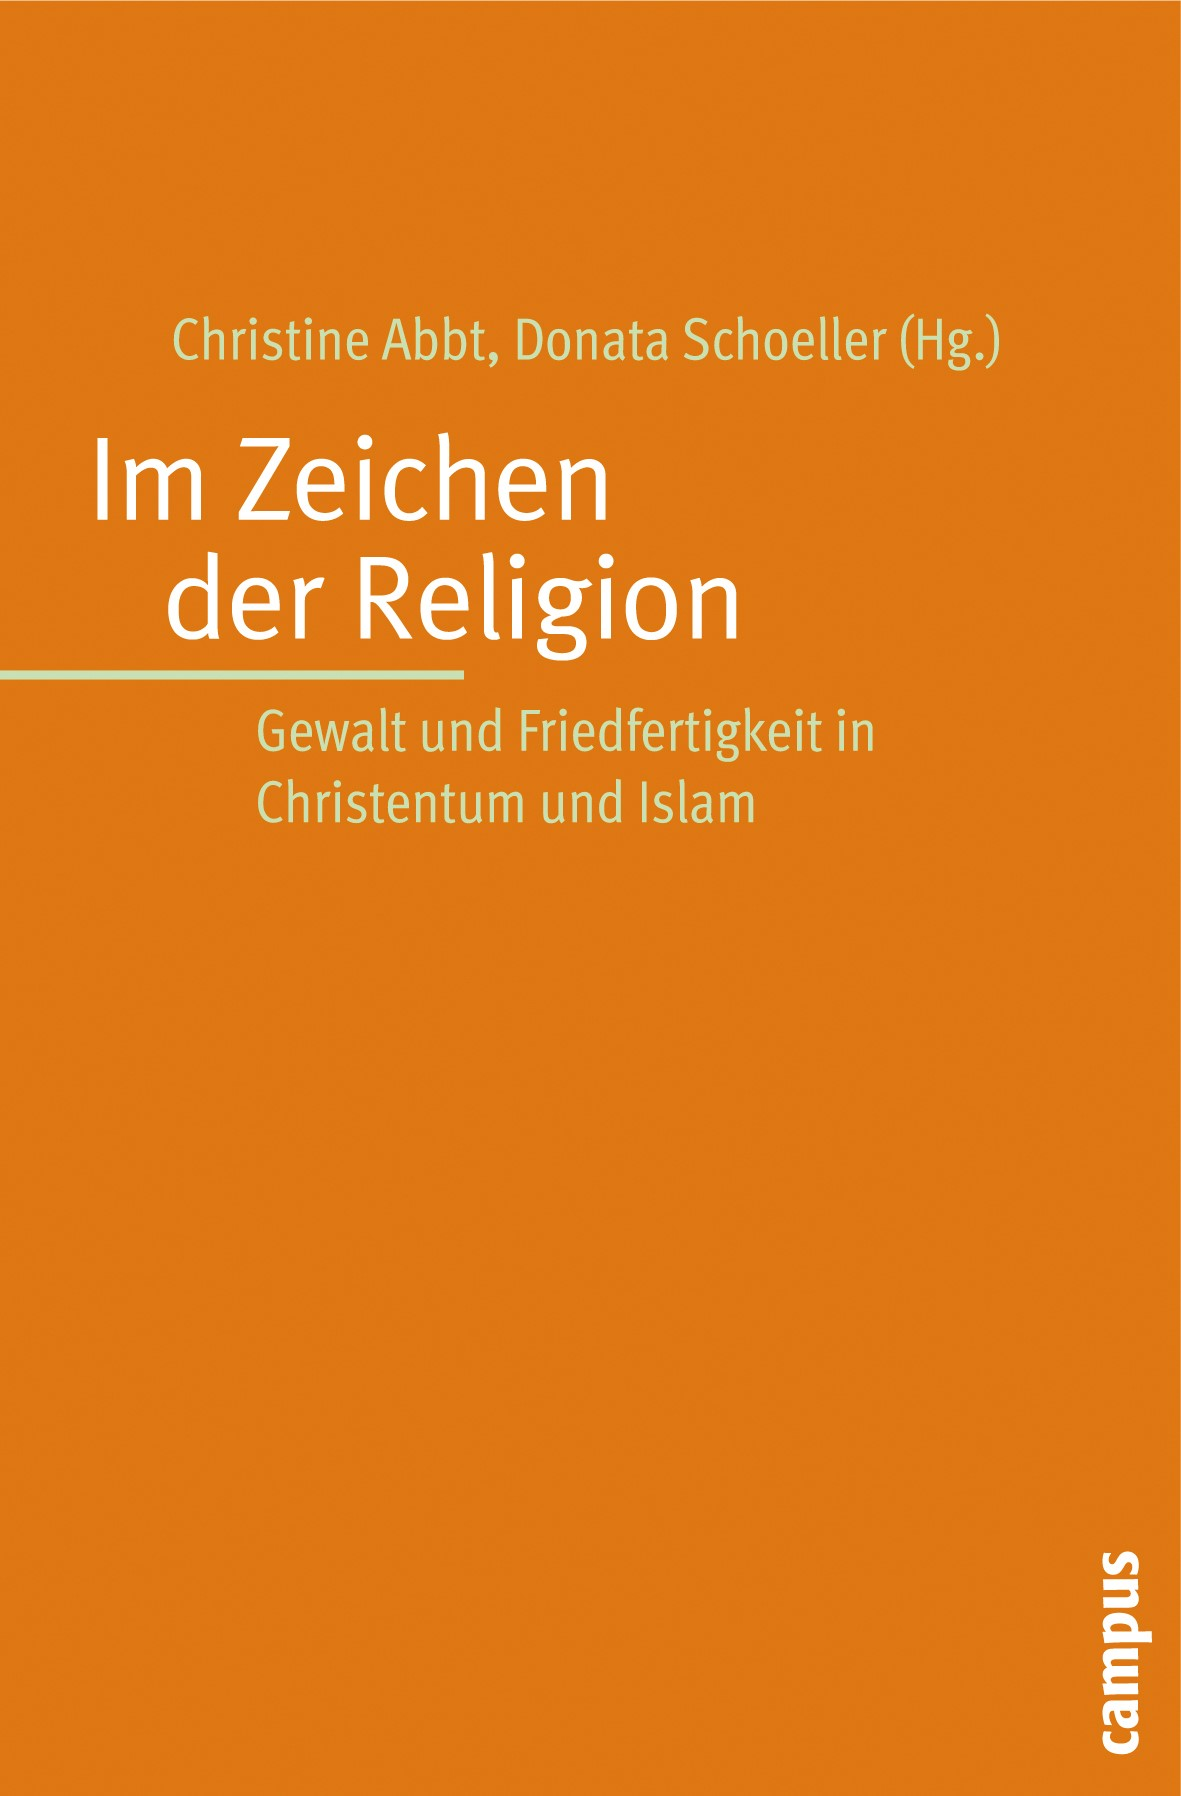 Im Zeichen der Religion | Abbt / Schoeller, 2009 | Buch (Cover)